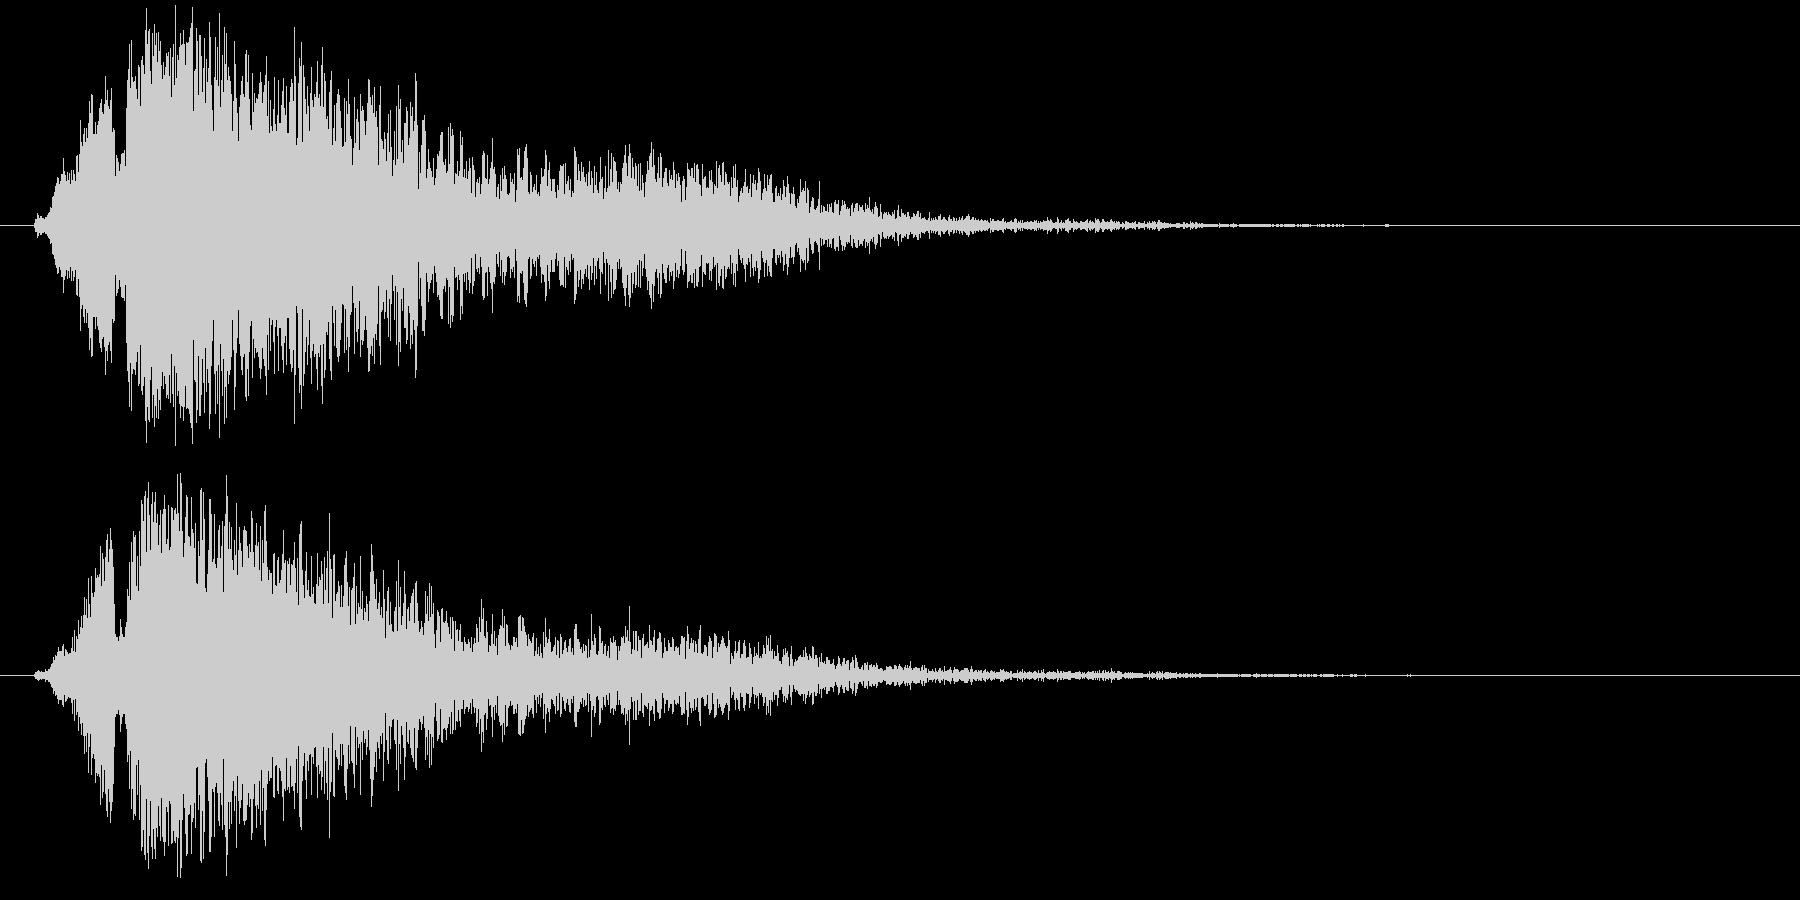 爆弾爆発タイプ2の未再生の波形